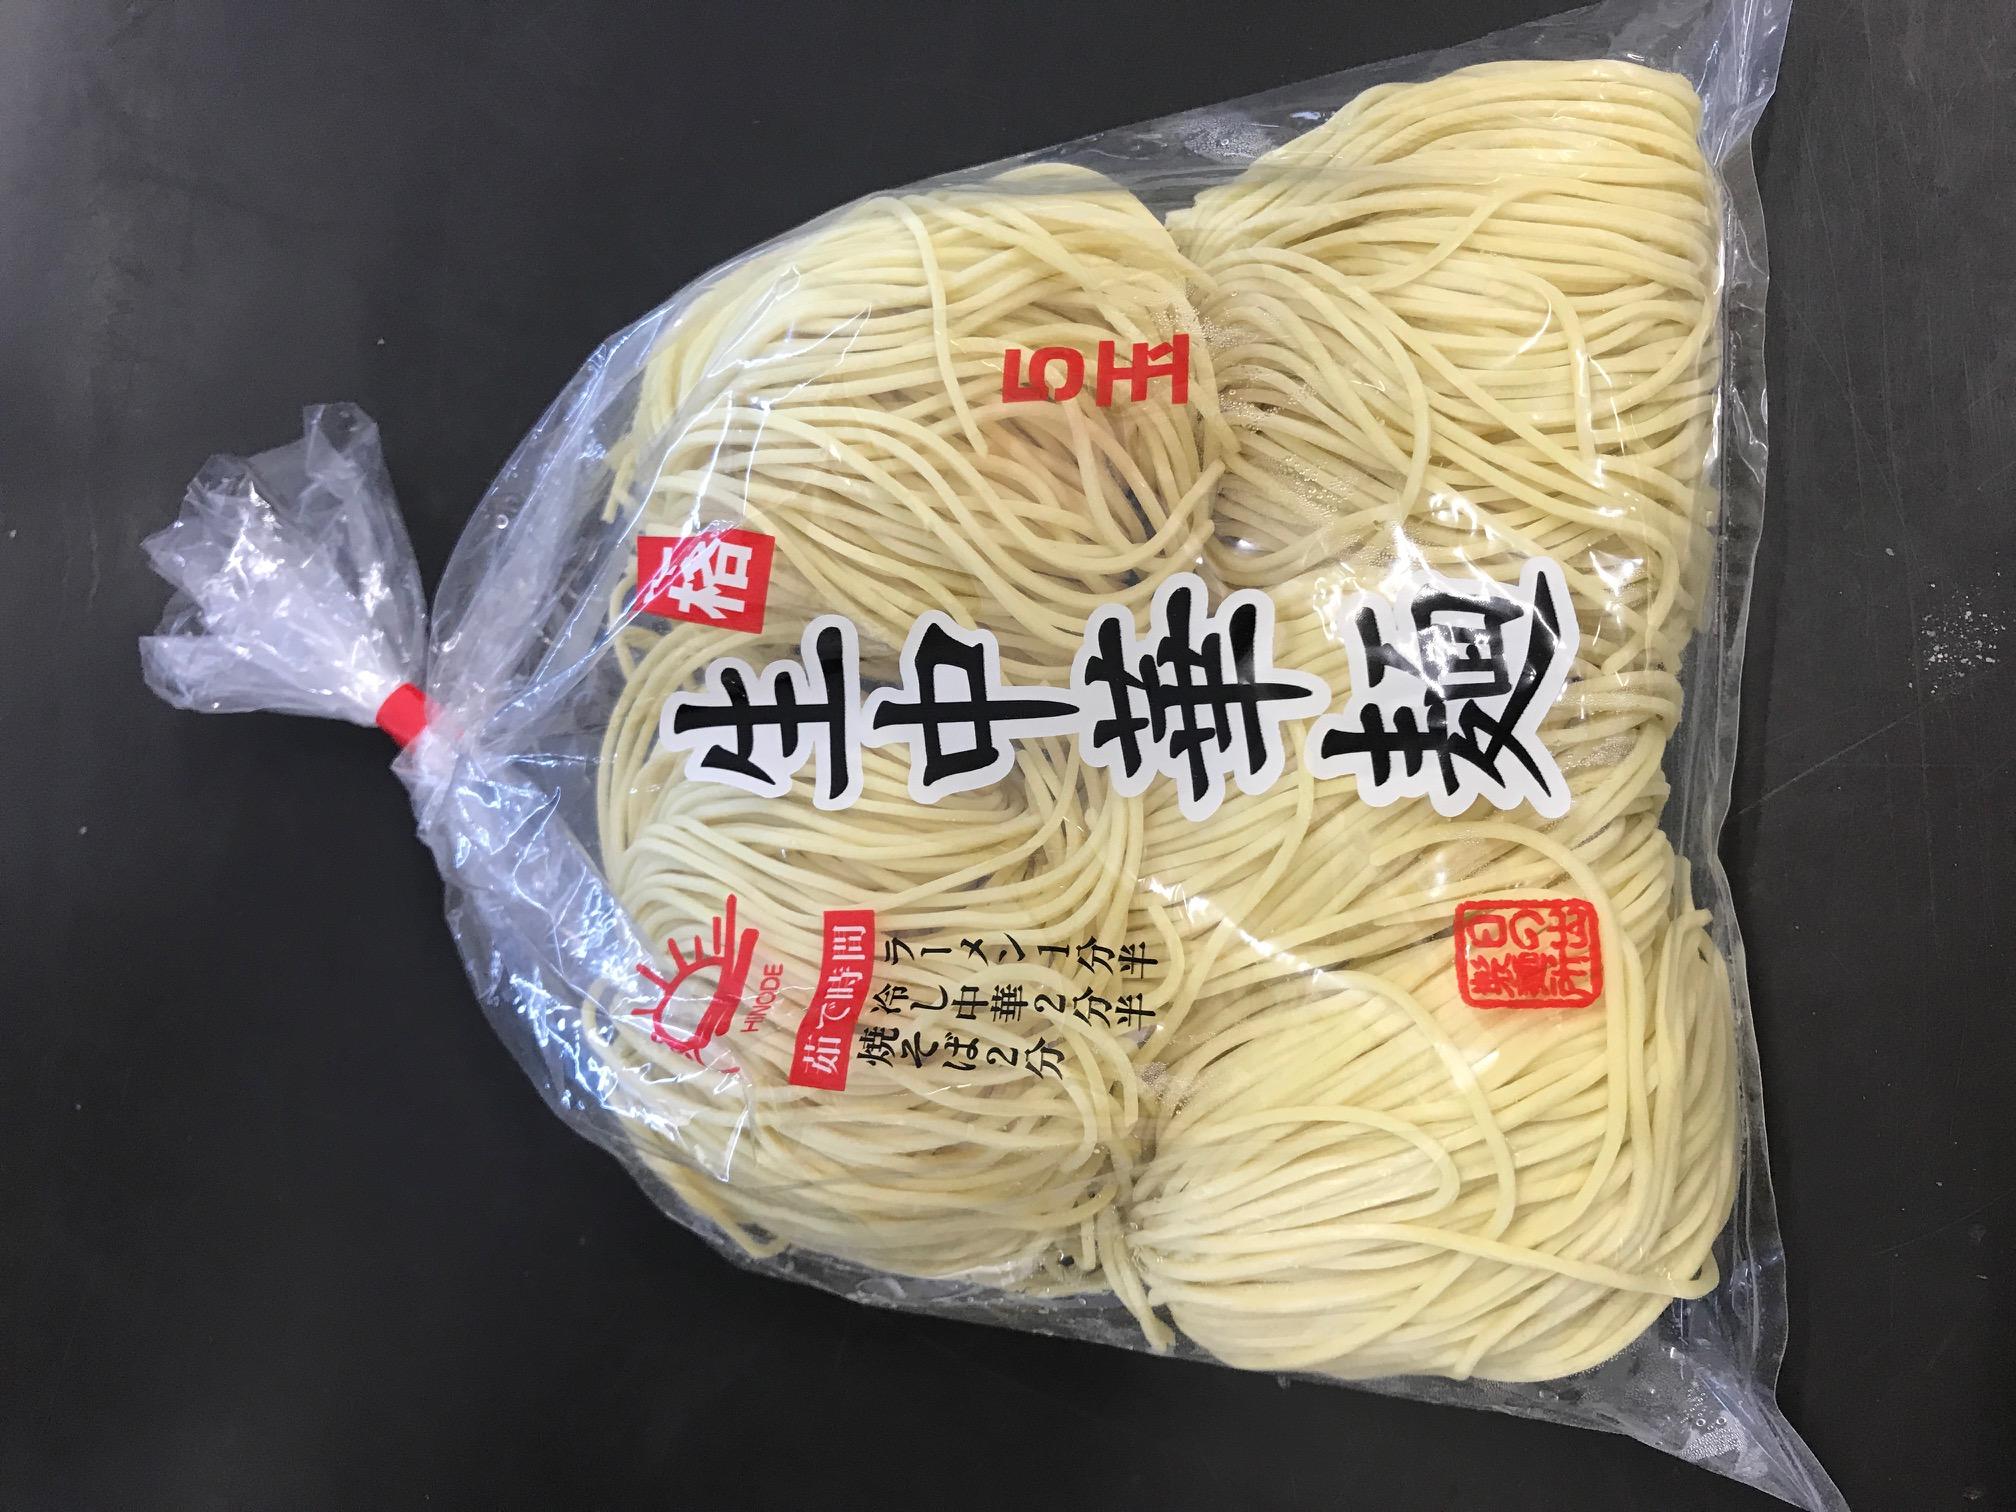 日の出製麺所の「生中華麺」(麺のみ)5人前